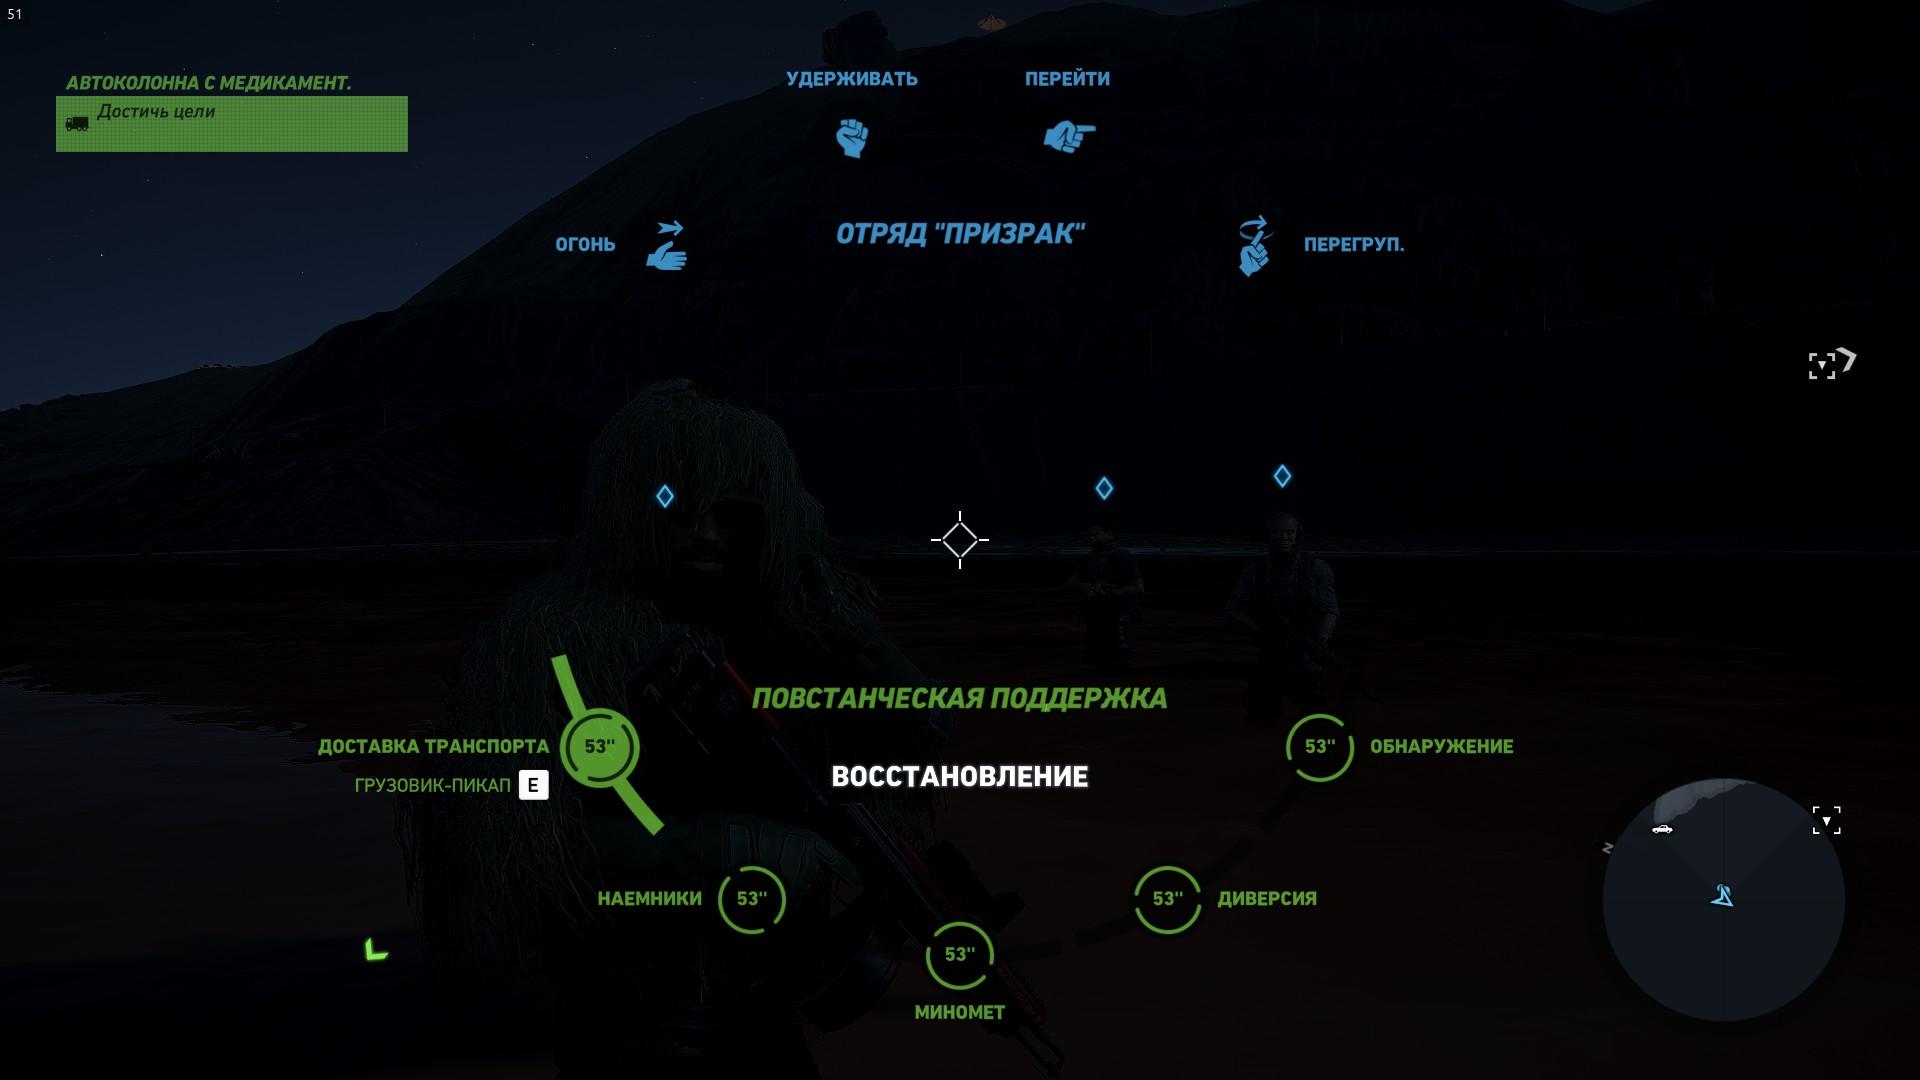 Уже можно вызвать транспорт кроме вертолета. Кнопка Q (По умолчанию) менять какой транспорт вы вызываете. - Tom Clancy's Ghost Recon: Wildlands